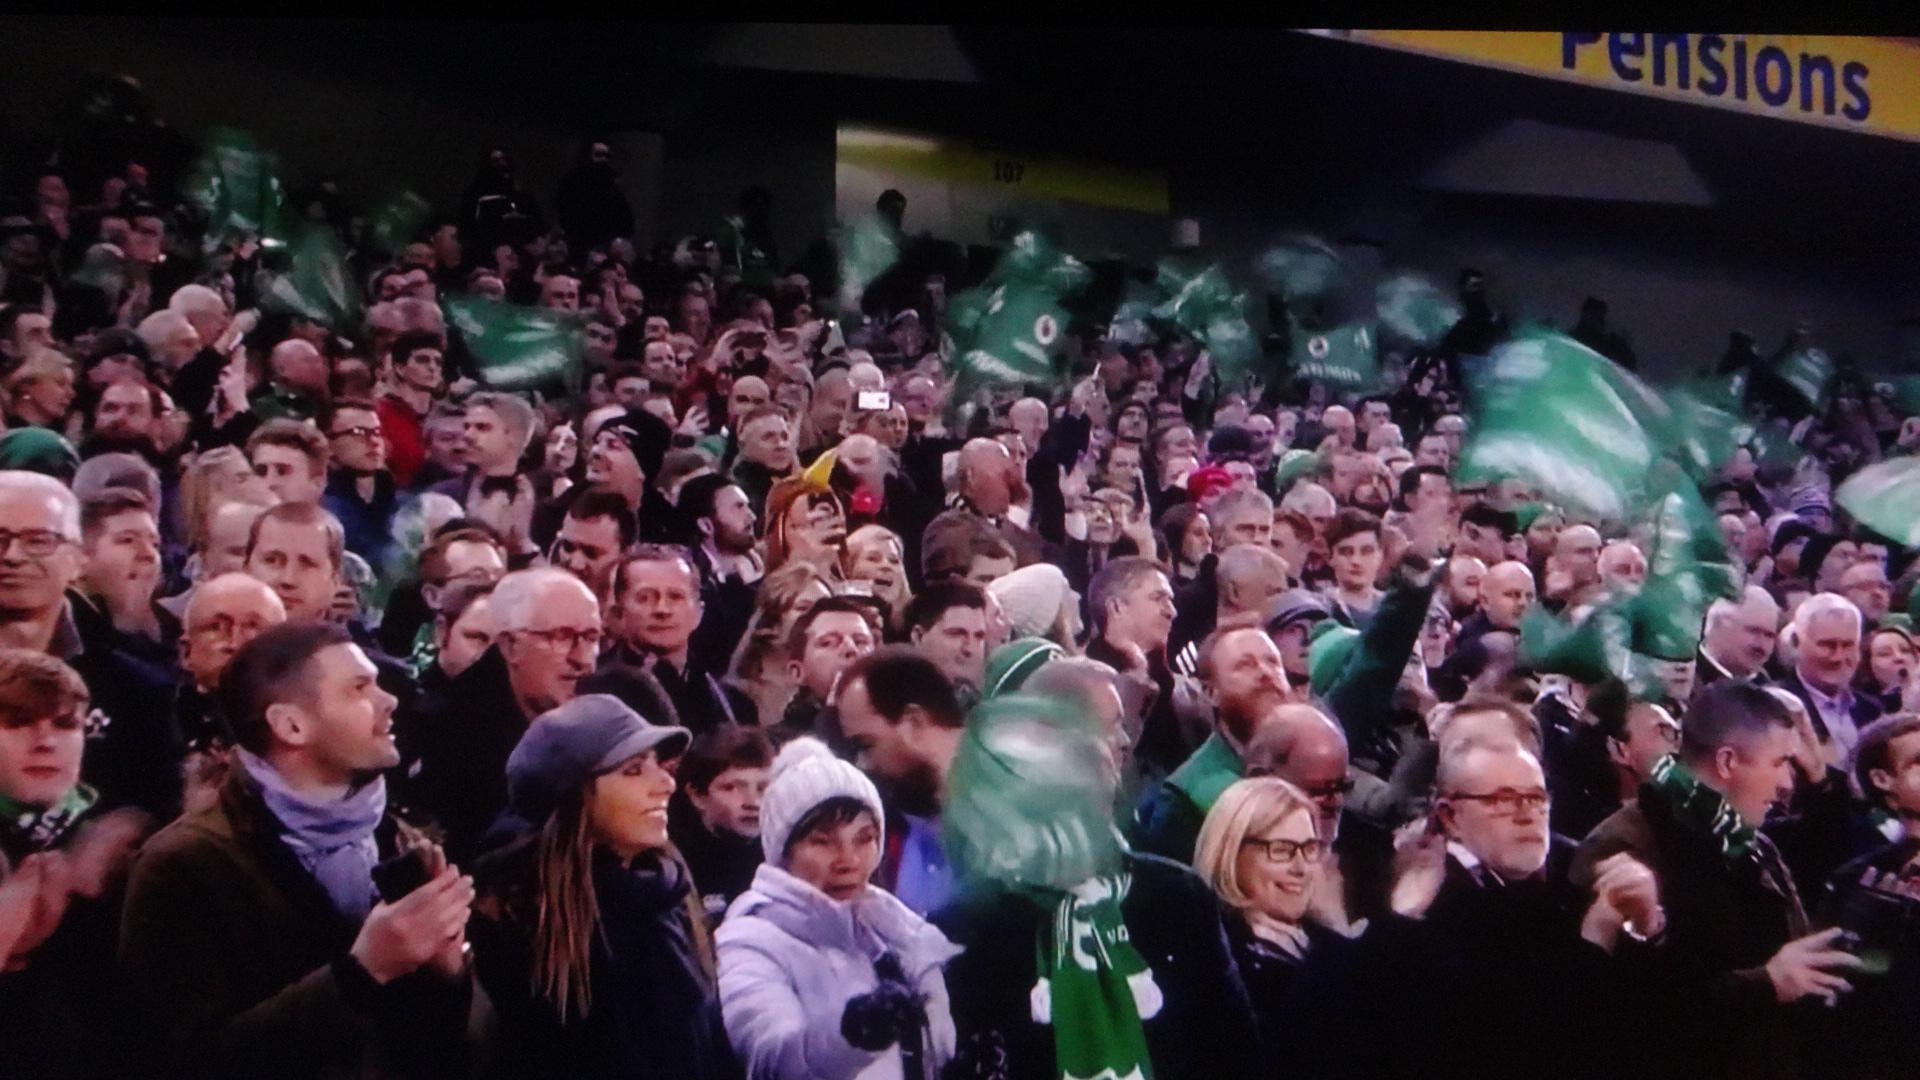 大喜びのアイルランドの応援団